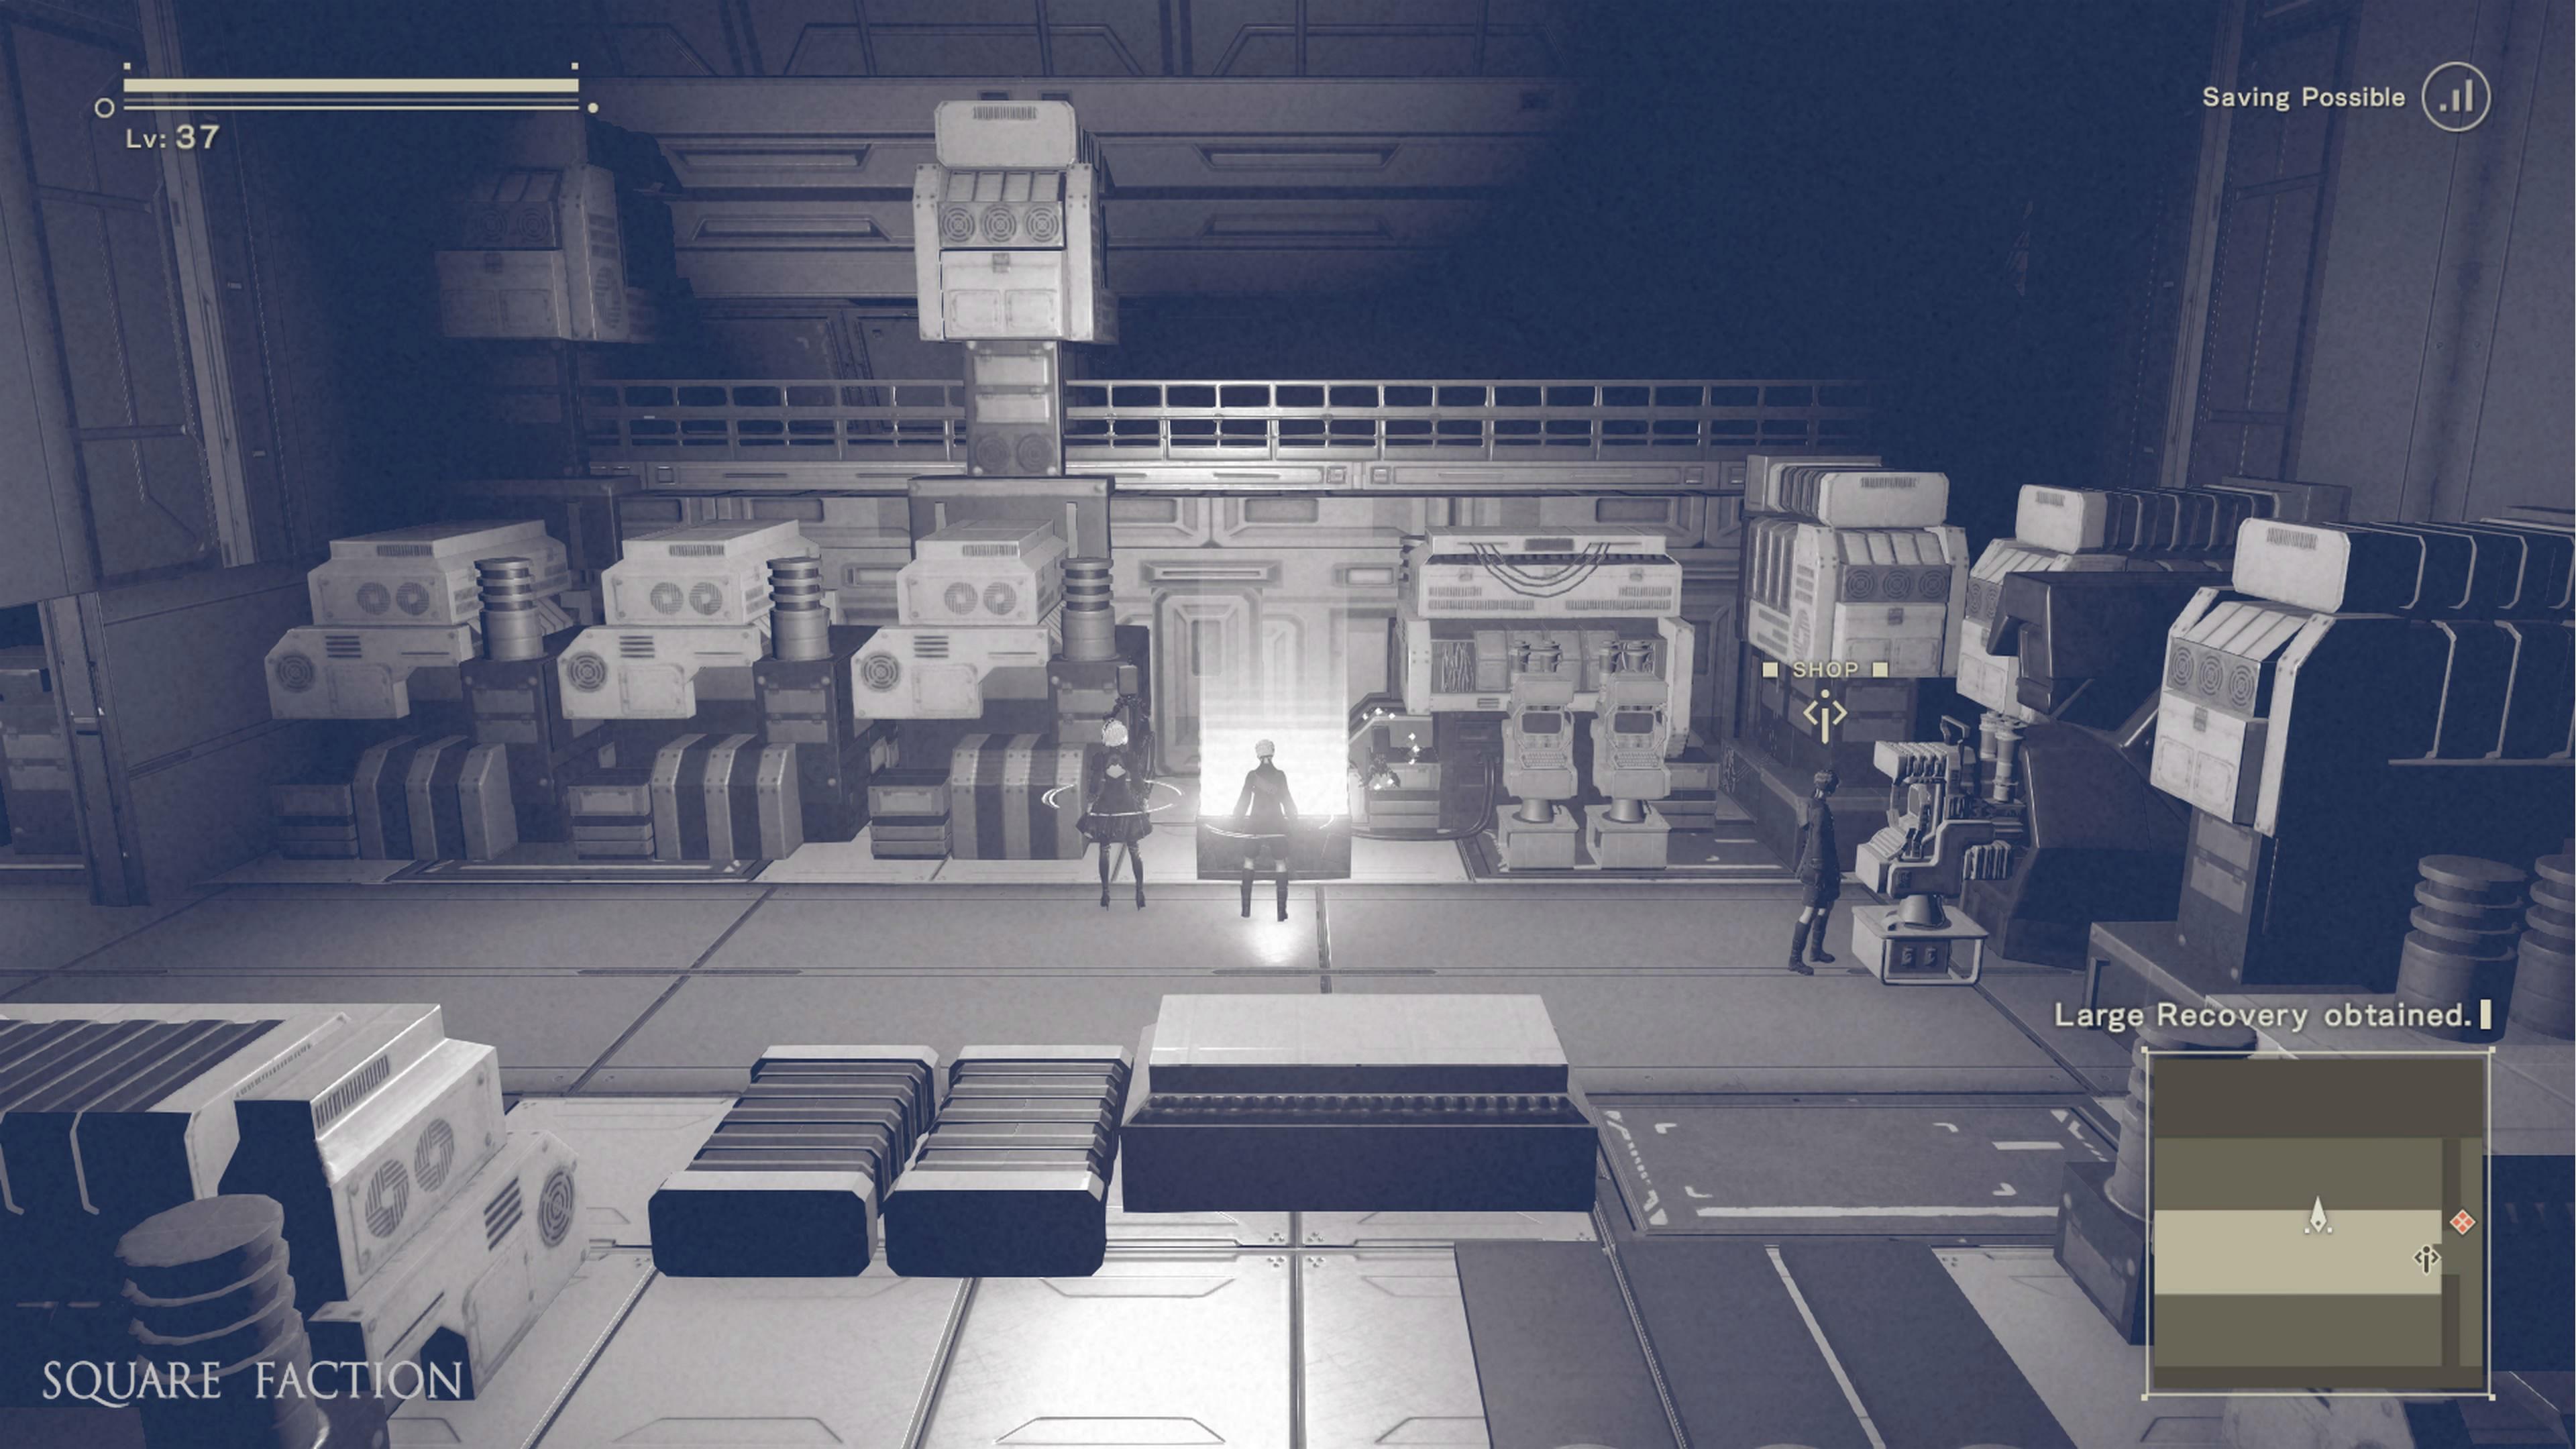 Схема театра оперы и балета владивосток фото 847